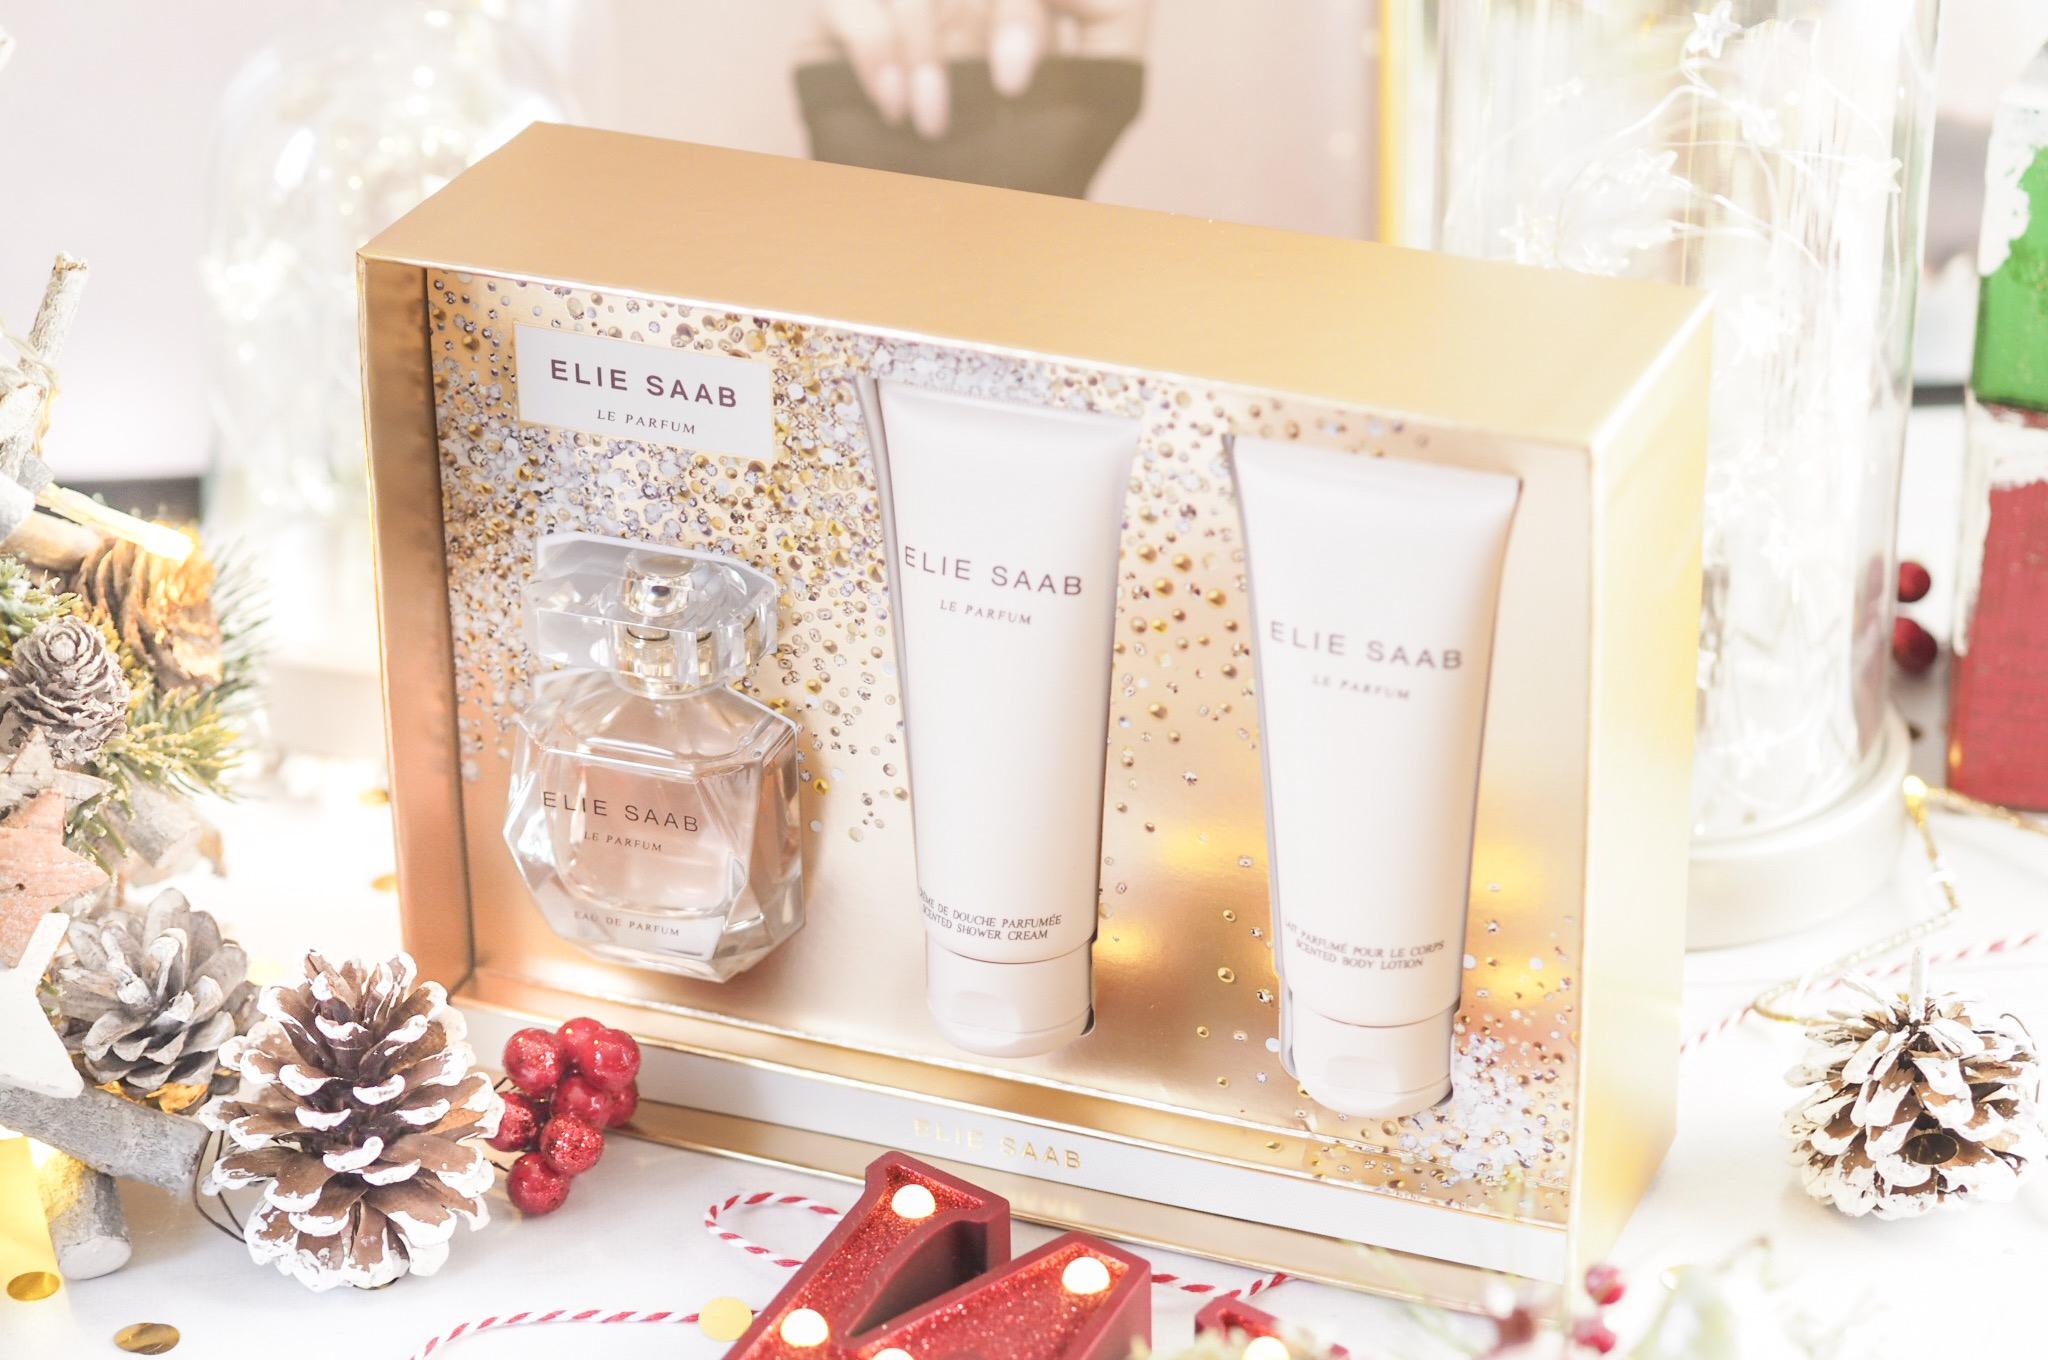 Ellie Saab Le Parfum Gift Set